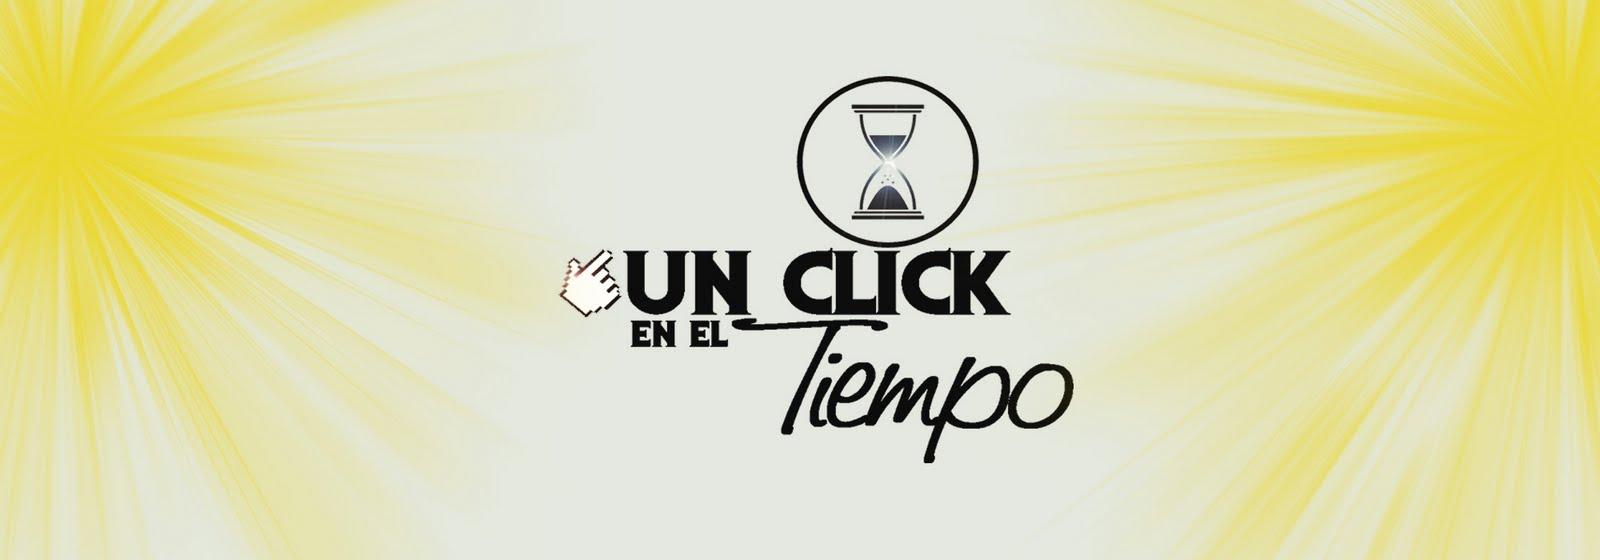 UN CLICK EN EL TIEMPO